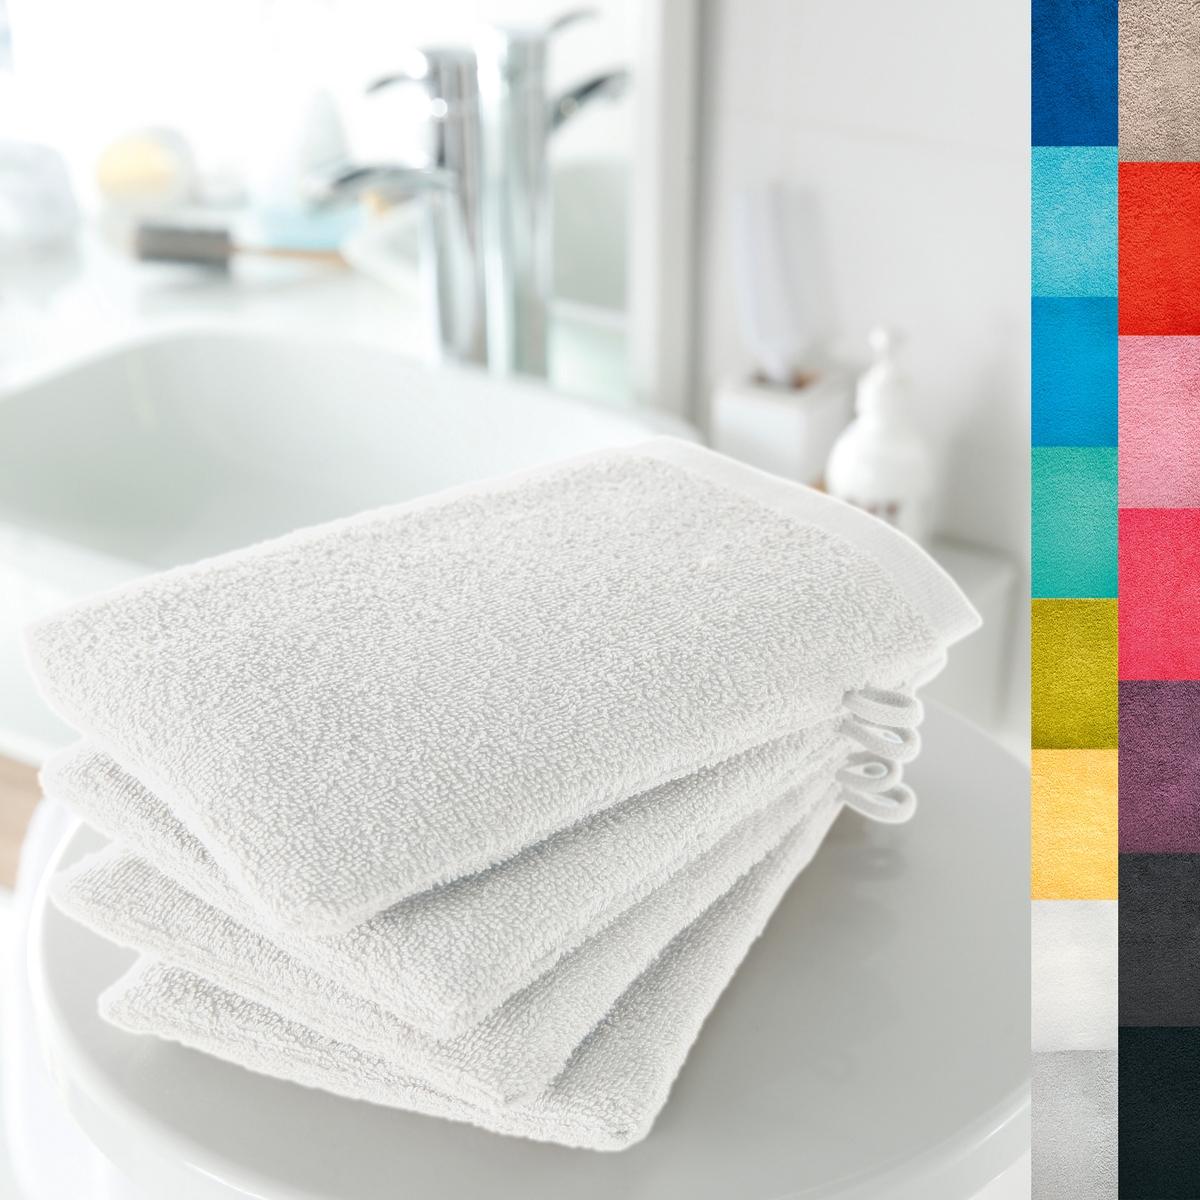 4 банные рукавички, 420 г/м?Мягкая и прочная ткань, 100% хлопка, 420 г/м?. Кайма крупинки. Отличные впитывающие свойства. Размер 15 х 21 см. Стирка при 60°. Превосходная стойкость цвета.  Машинная сушка. В комплекте 4 рукавички.<br><br>Цвет: белый,голубой бирюзовый,гренадин,зеленый анис,темно-серо-каштановый светлый